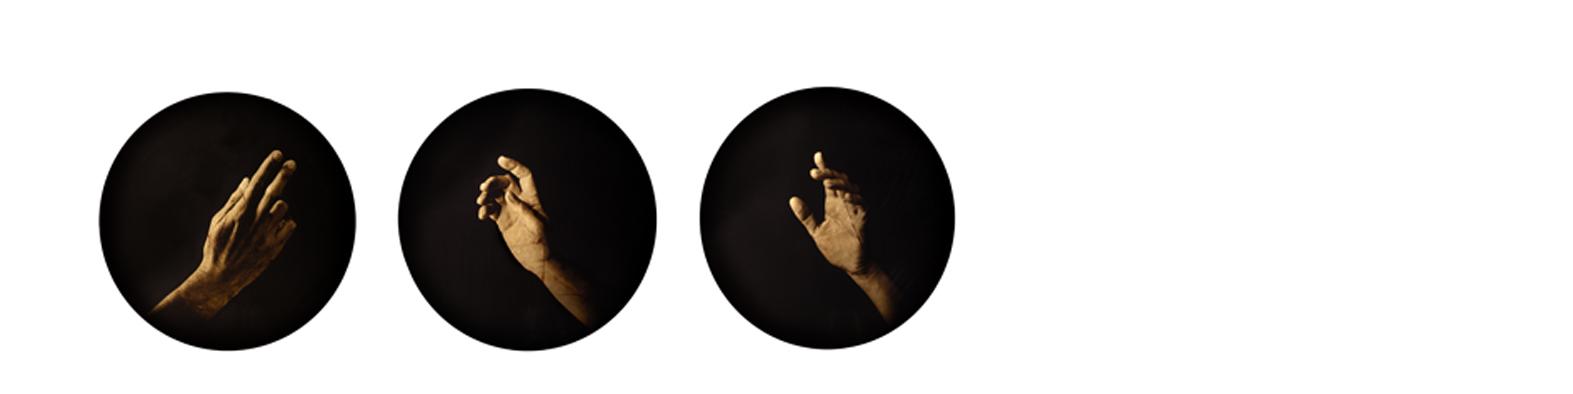 Estudio de la Anunciación de Reni, 2006<br/>Película orthocromática / Orthocromatic Print